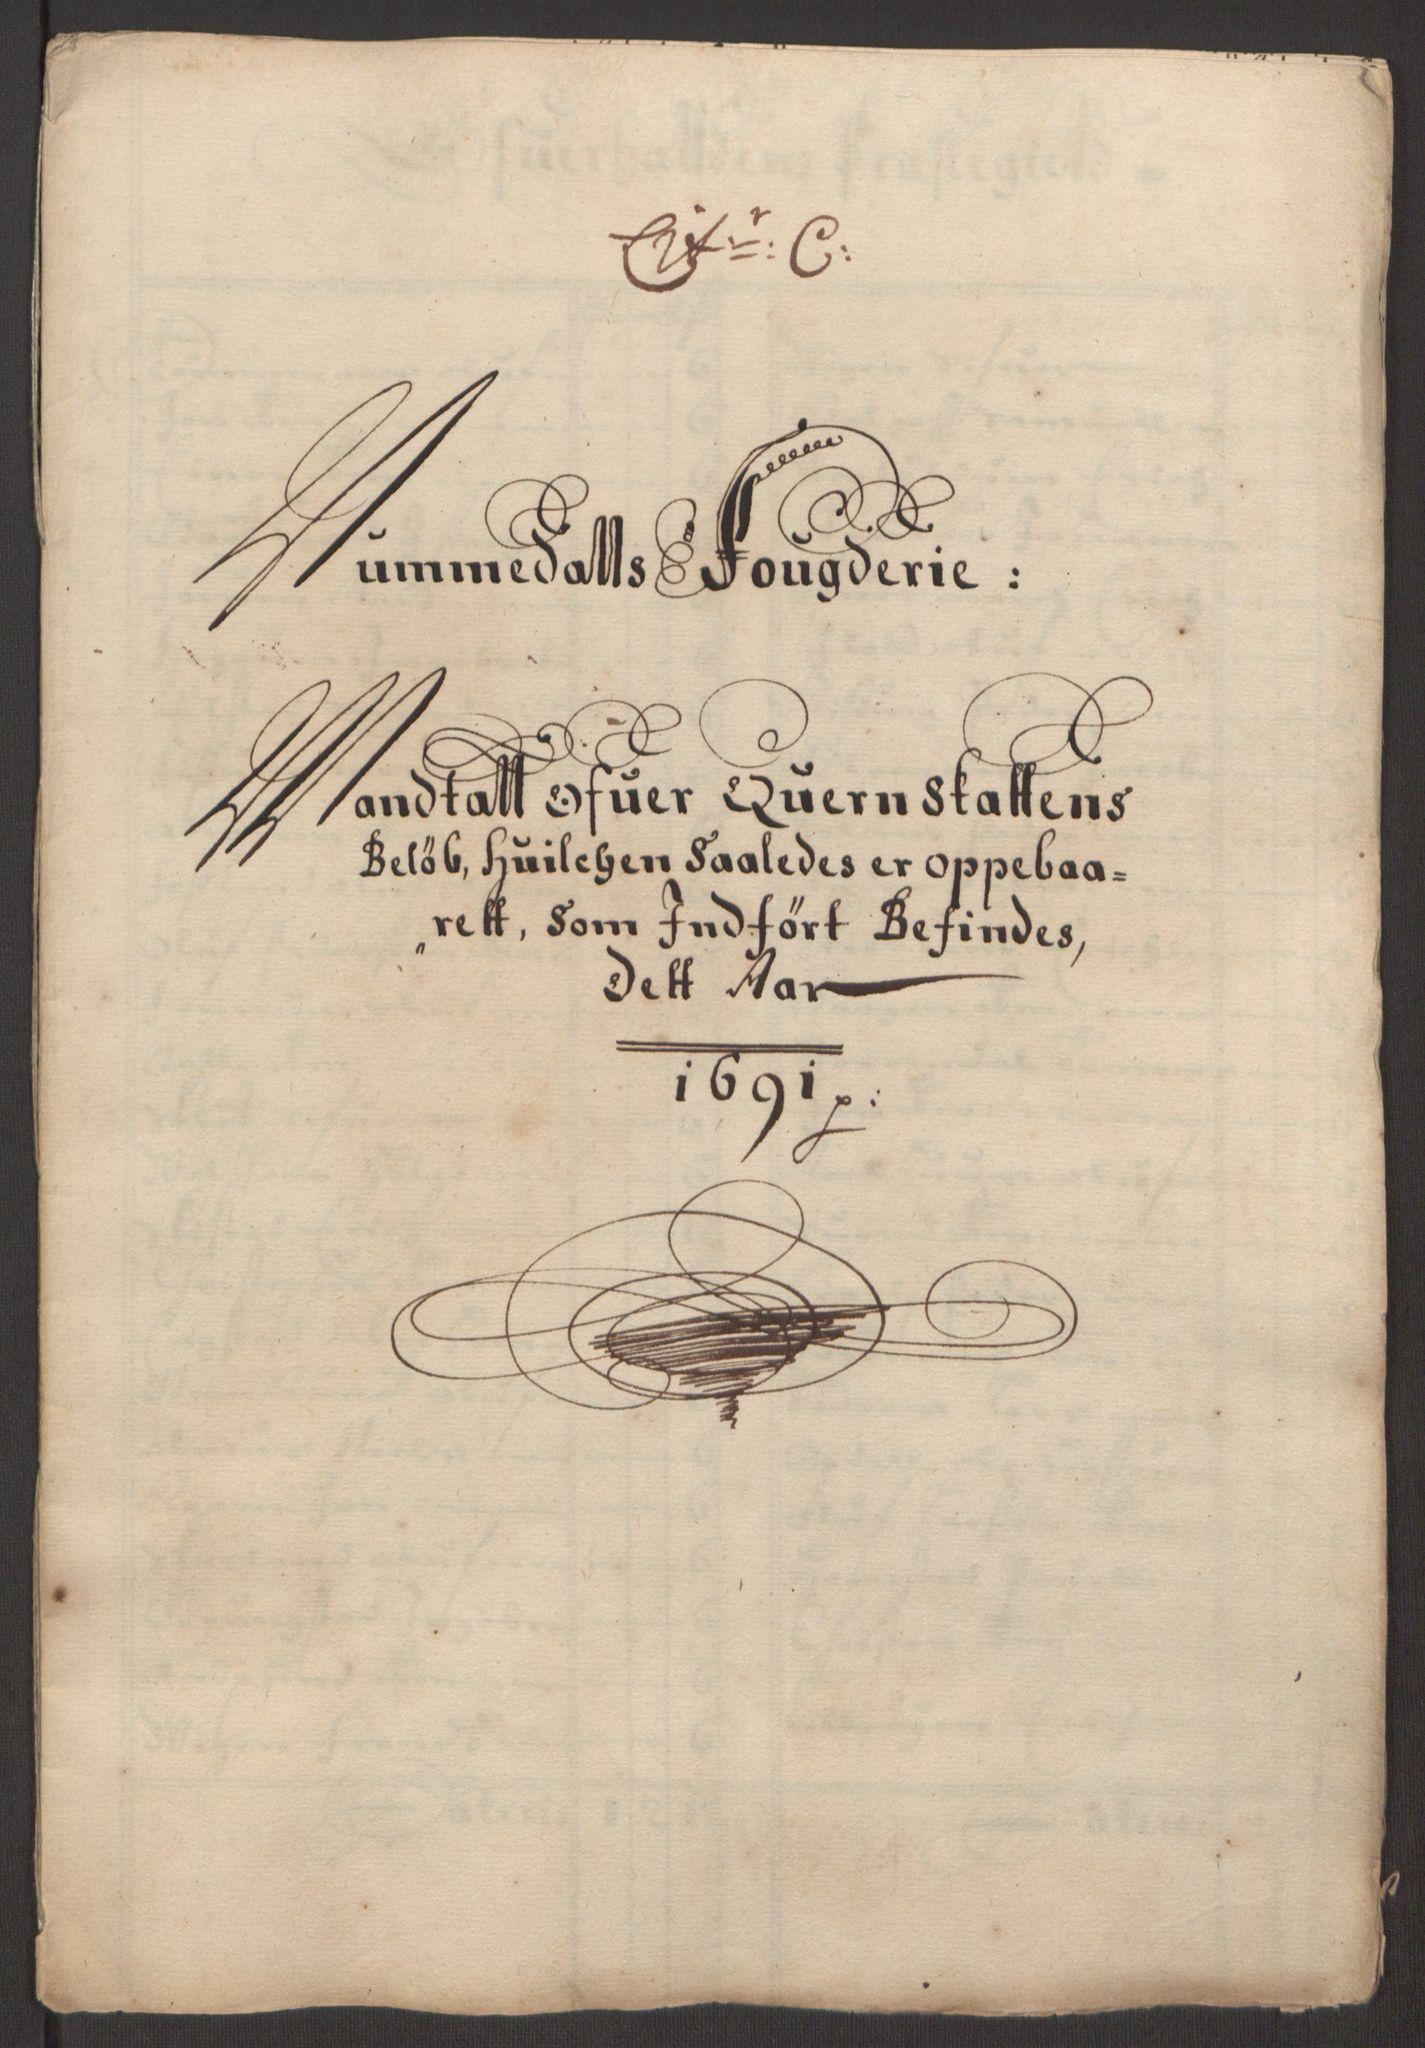 RA, Rentekammeret inntil 1814, Reviderte regnskaper, Fogderegnskap, R64/L4423: Fogderegnskap Namdal, 1690-1691, s. 210